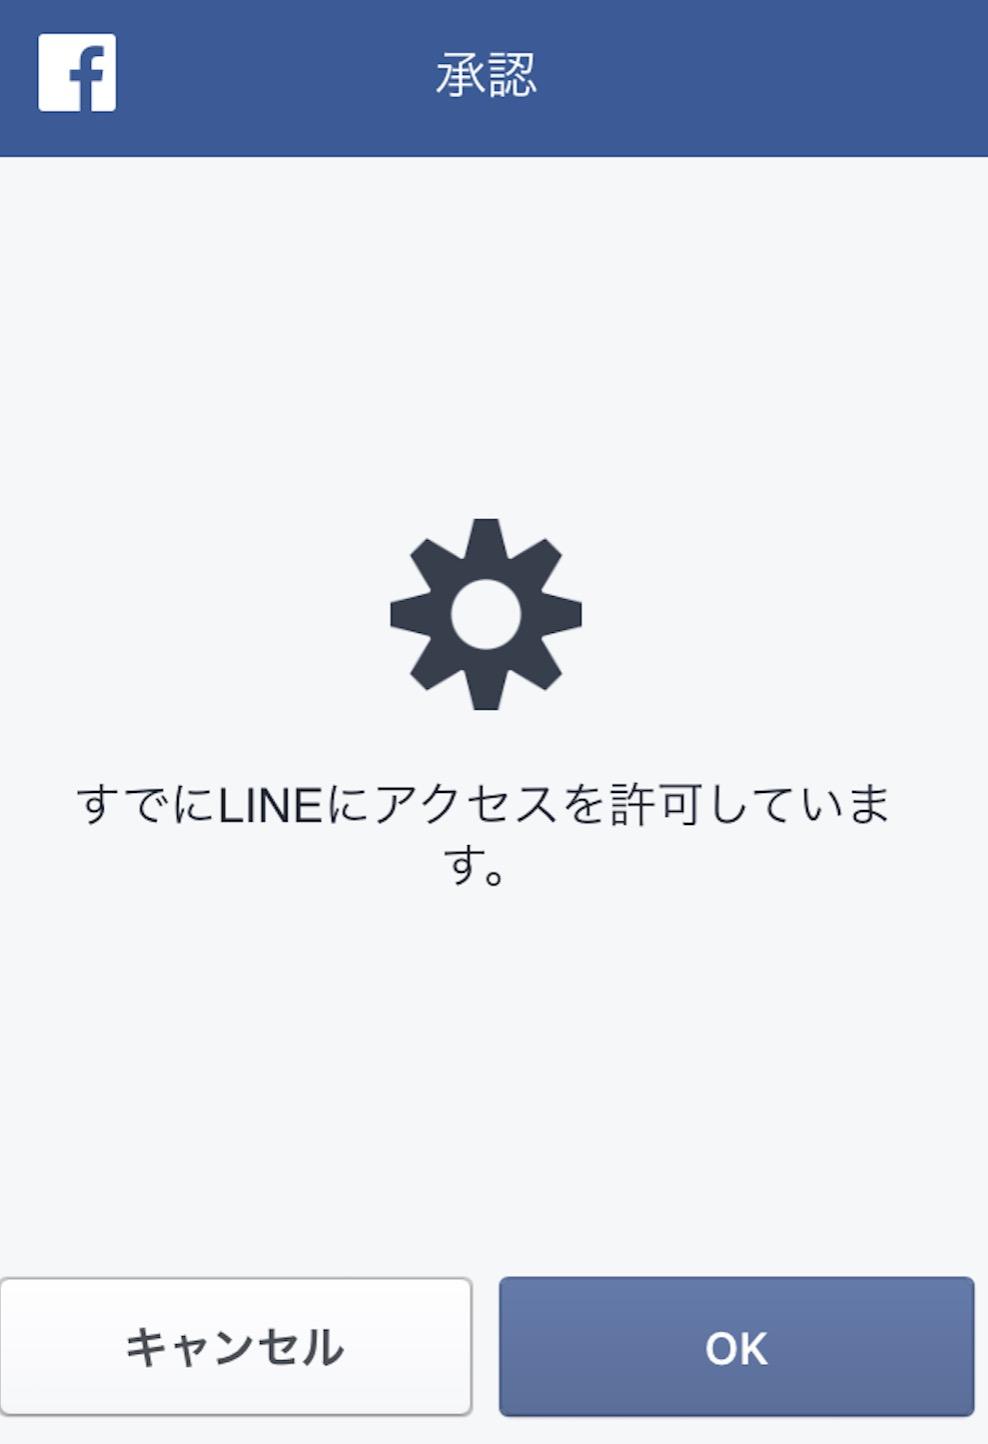 スクリーンショット 2016-09-07 04.59.31